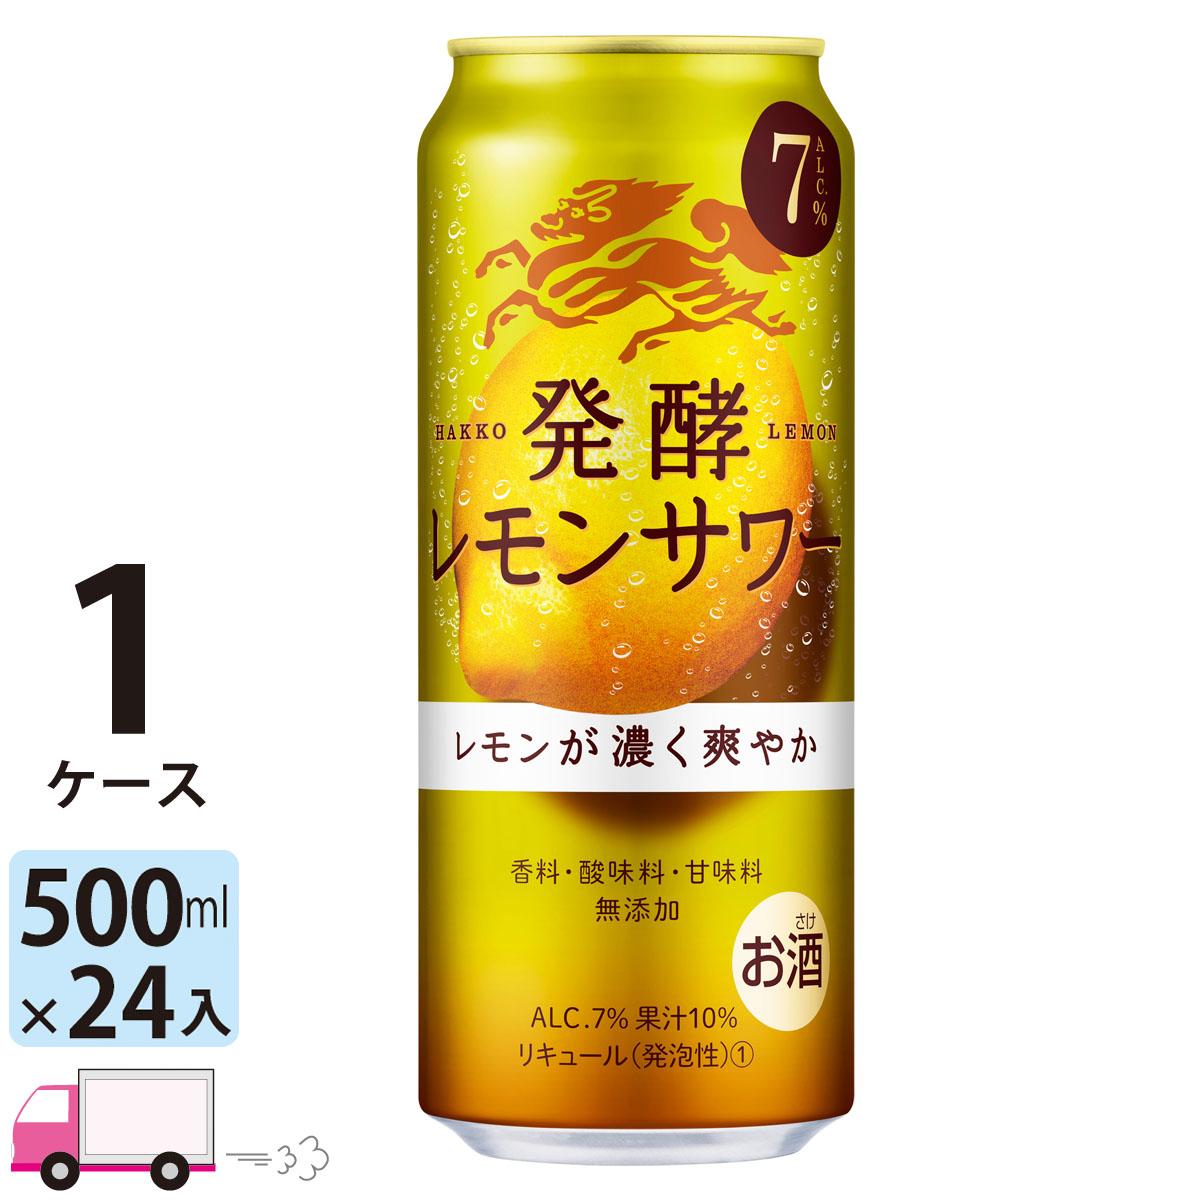 安い 激安 プチプラ 高品質 発酵レモンによる爽やかなレモンサワーです 結婚祝い 送料無料 キリン 麒麟 24本入り 発酵レモンサワー 500ml缶×1ケース